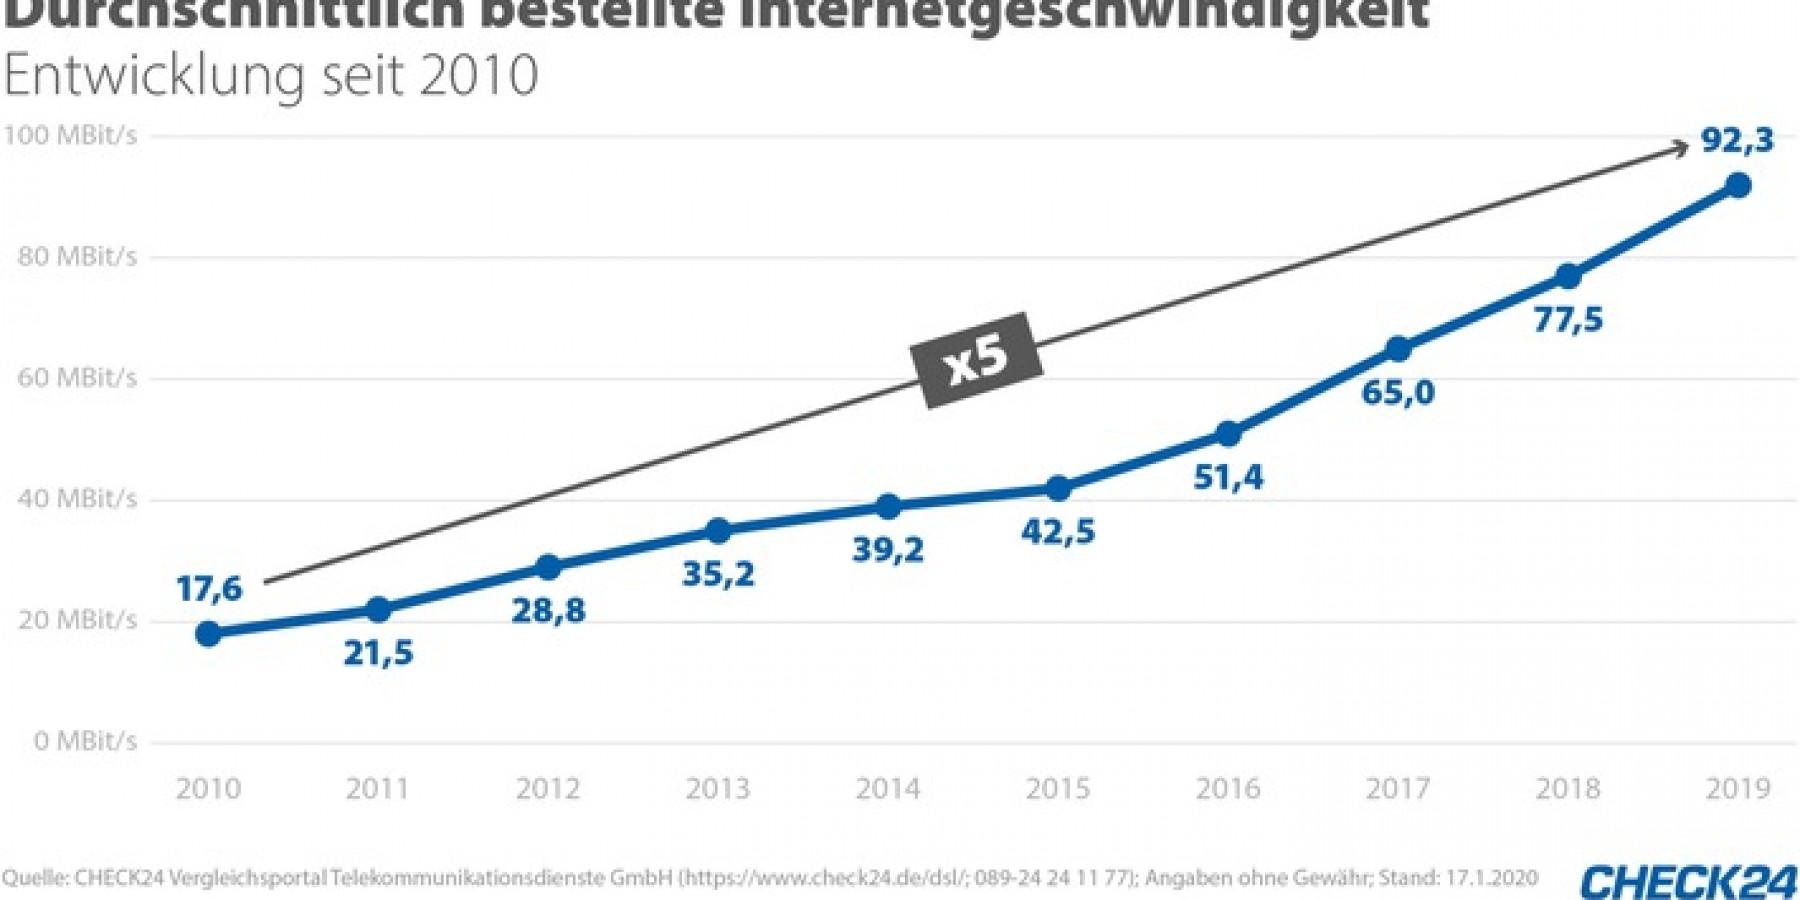 DSL-Kunden wollen fünfmal schnelleres Internet als 2010